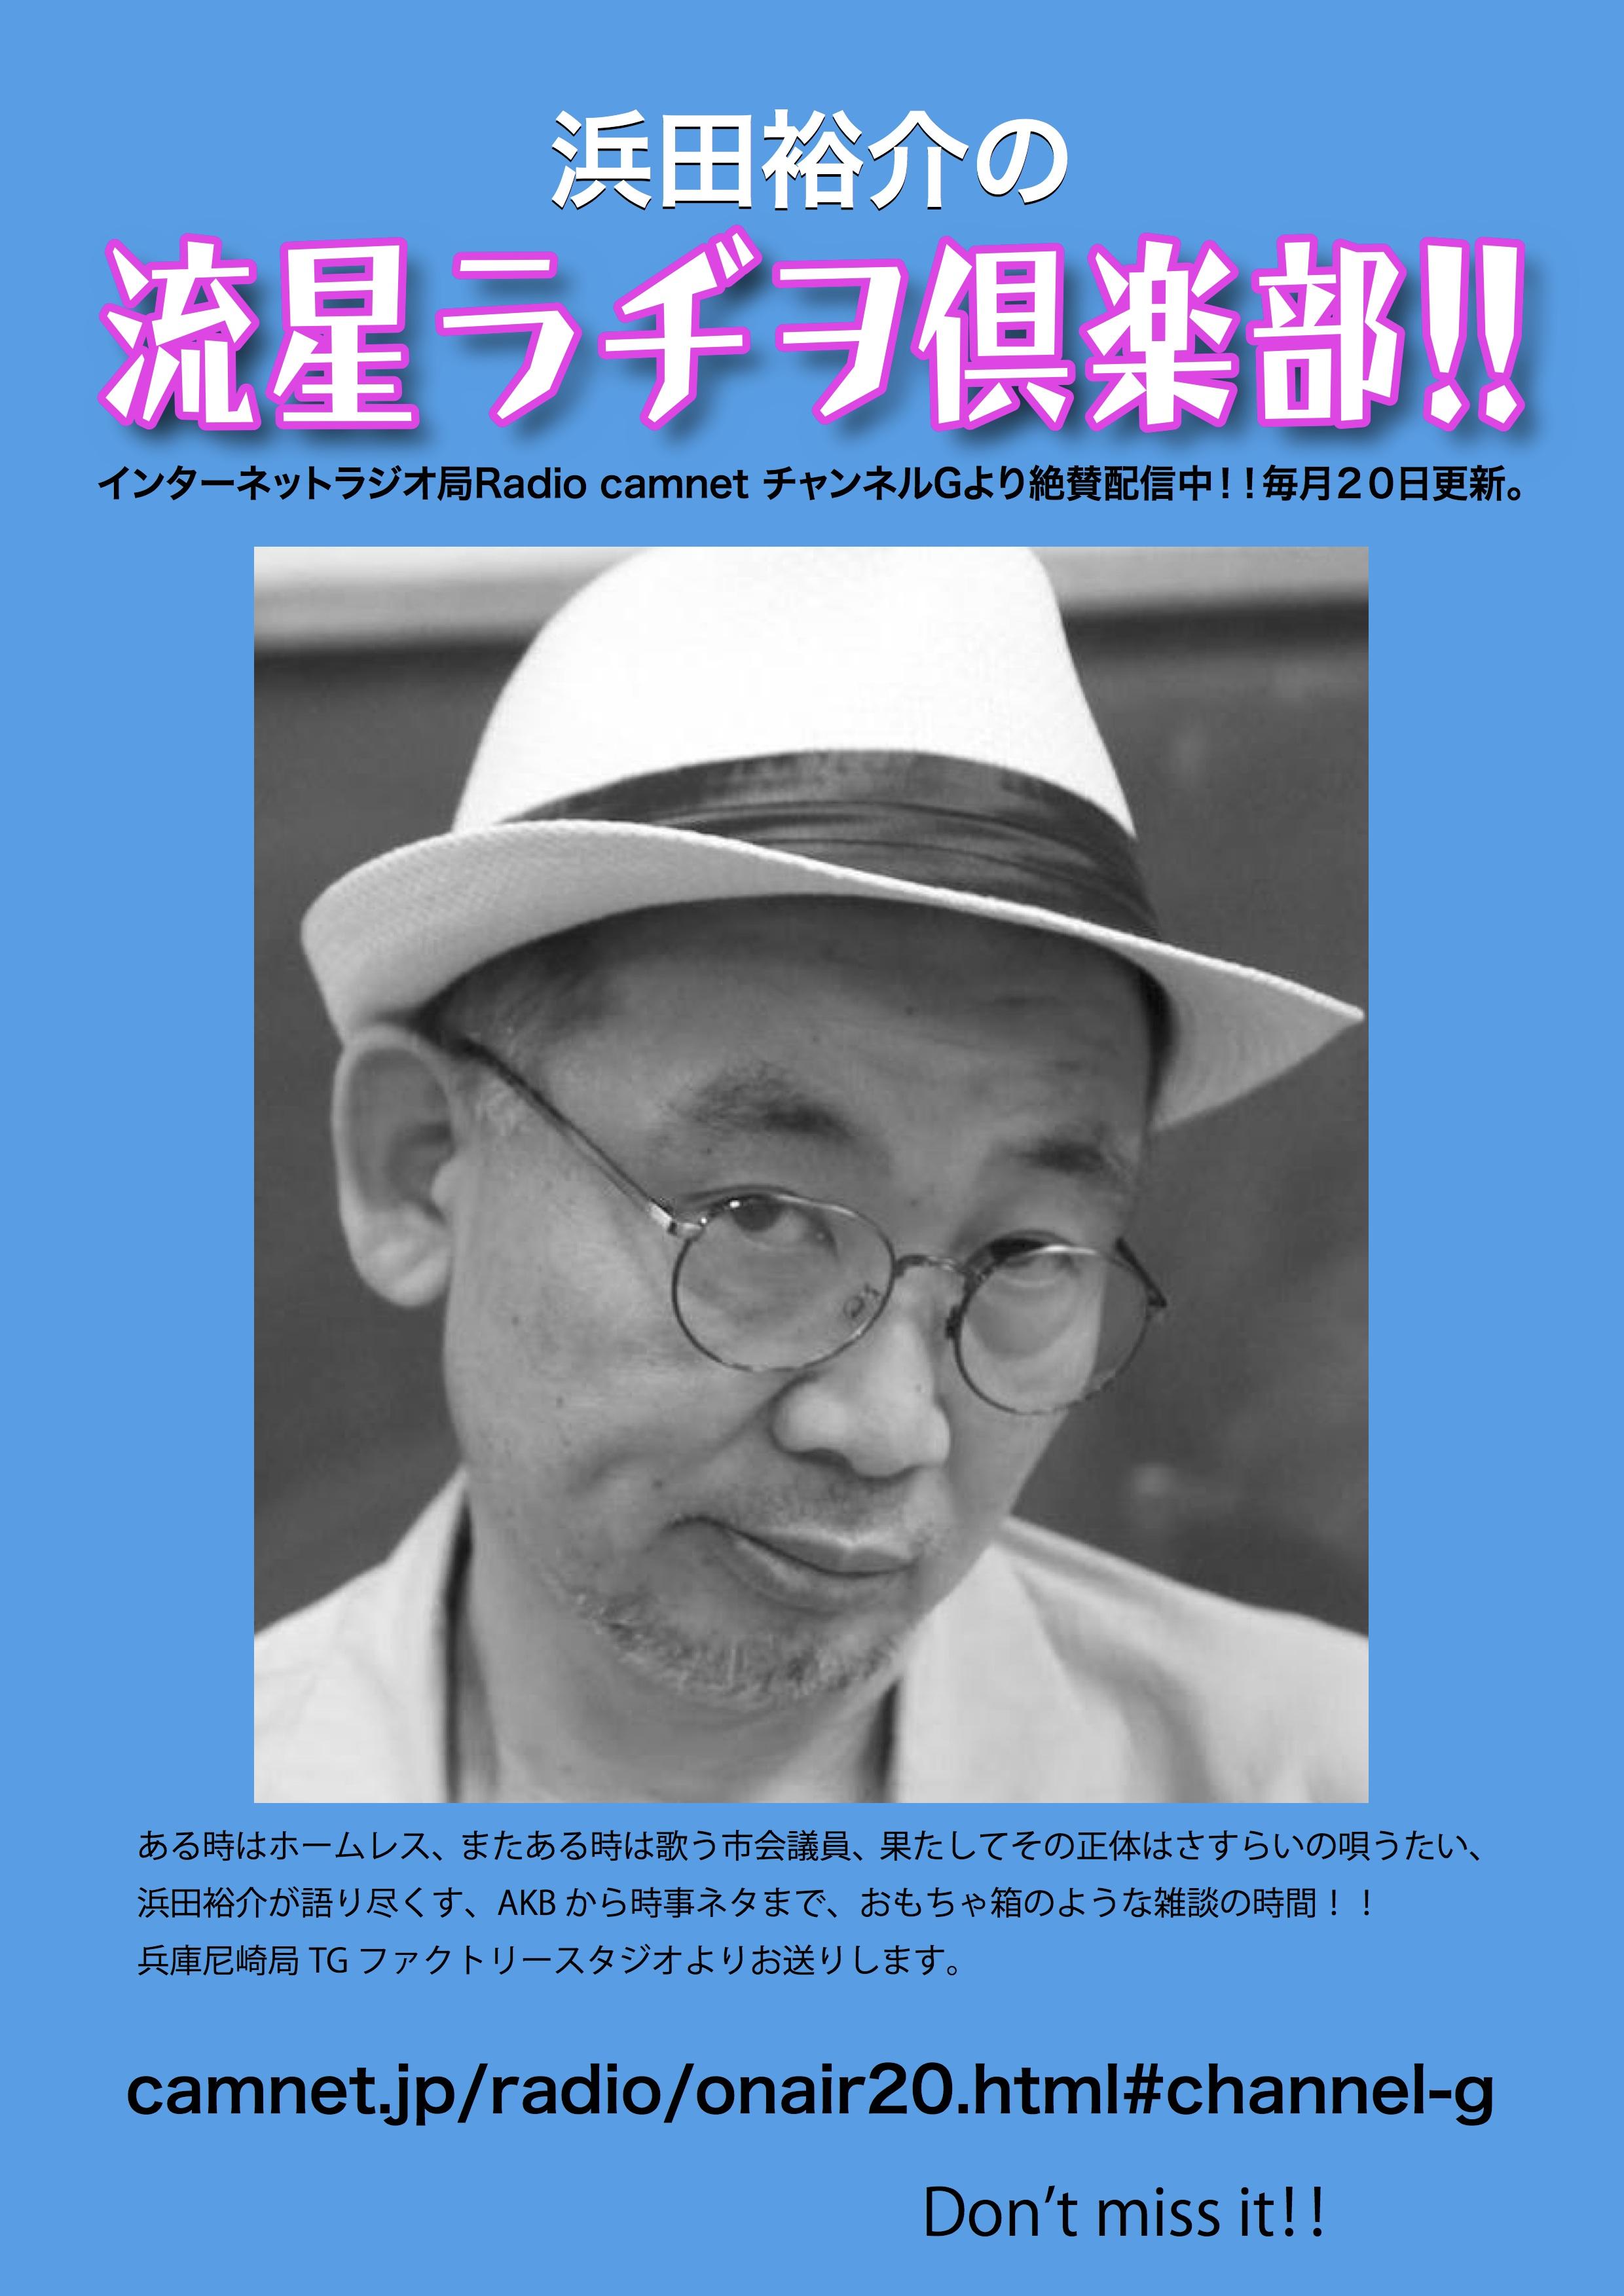 ラジオ倶楽部背景青 コピー